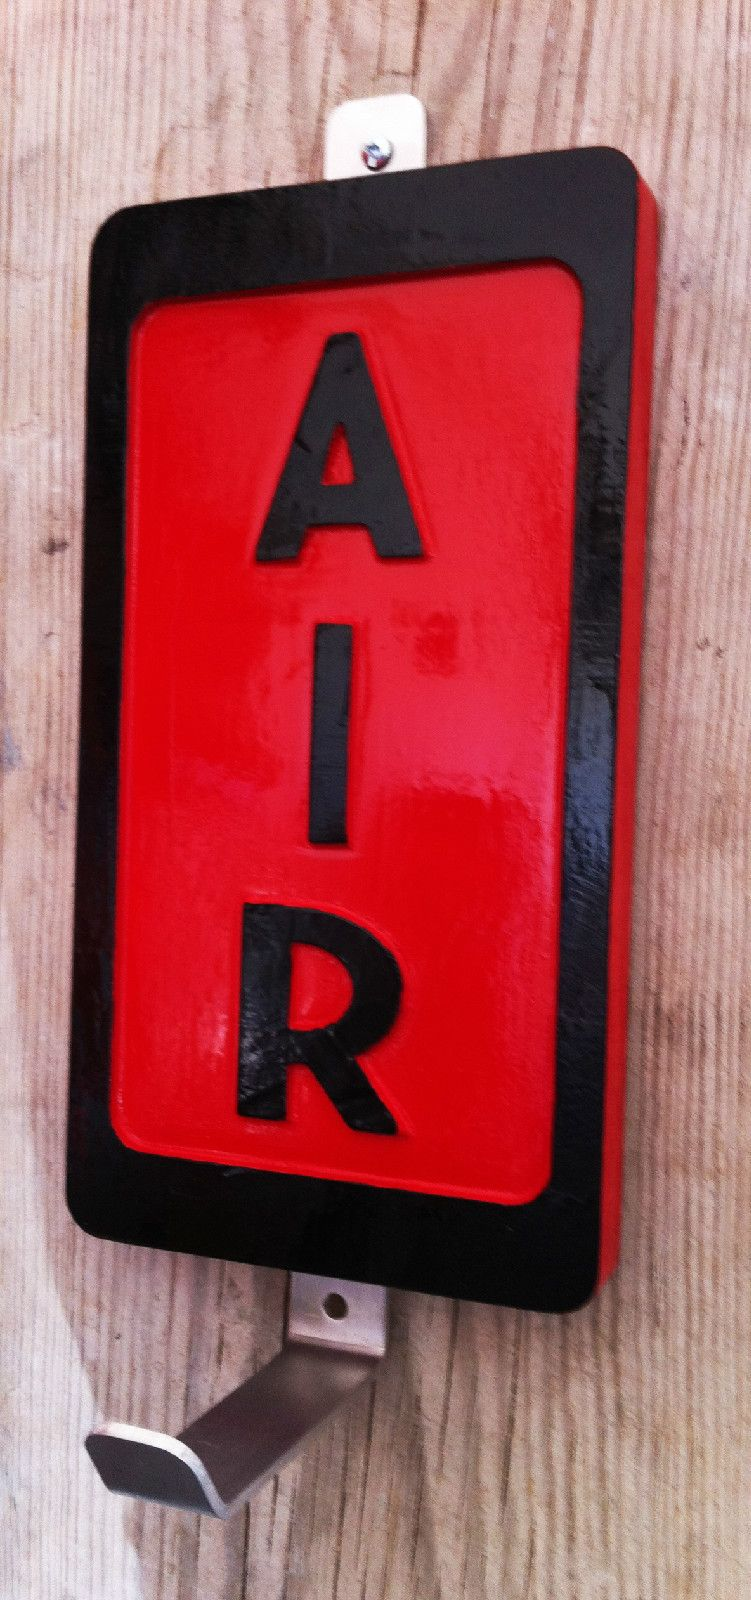 Garage Air Hose Service Sign with Hose Hook Eco Station